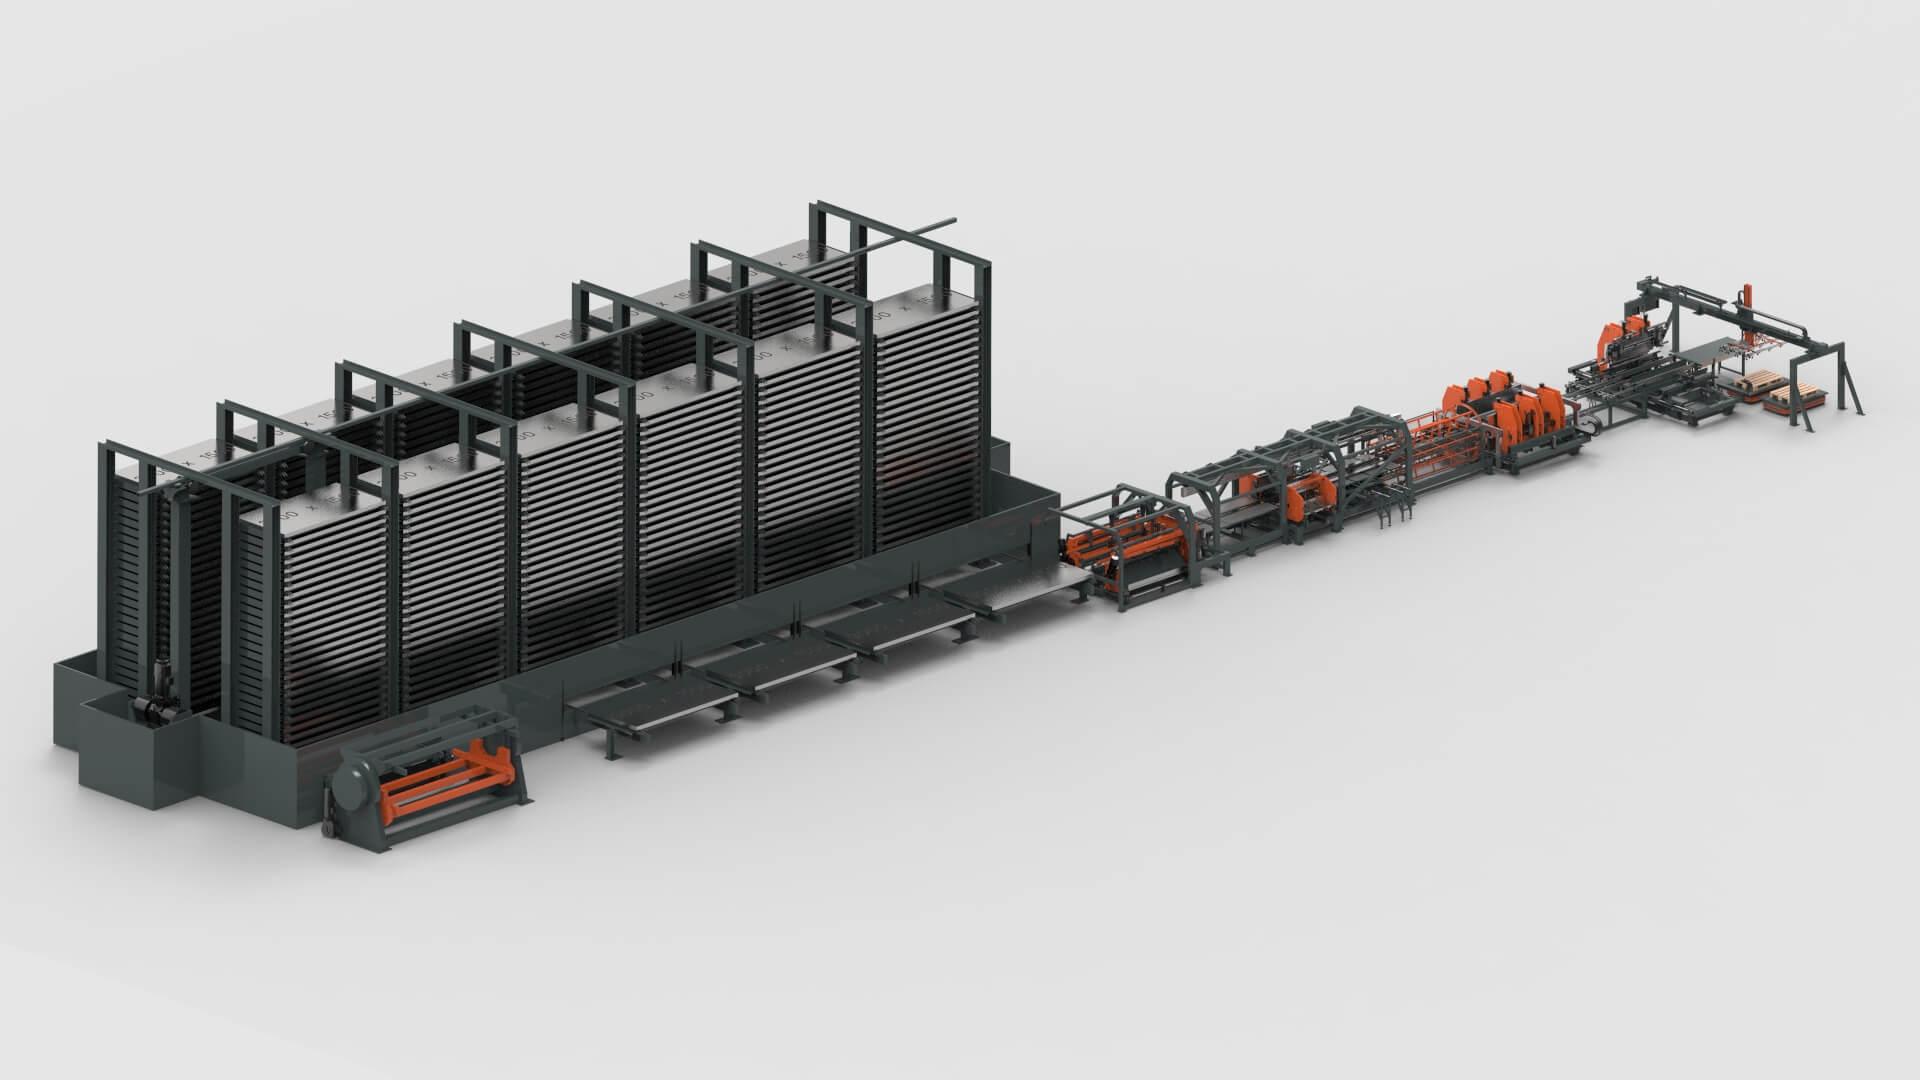 wemo-stahltüren-blechbearbeitung-blechlagersystem-schneiden-stanzen-biegen-produktionslinie.jpg